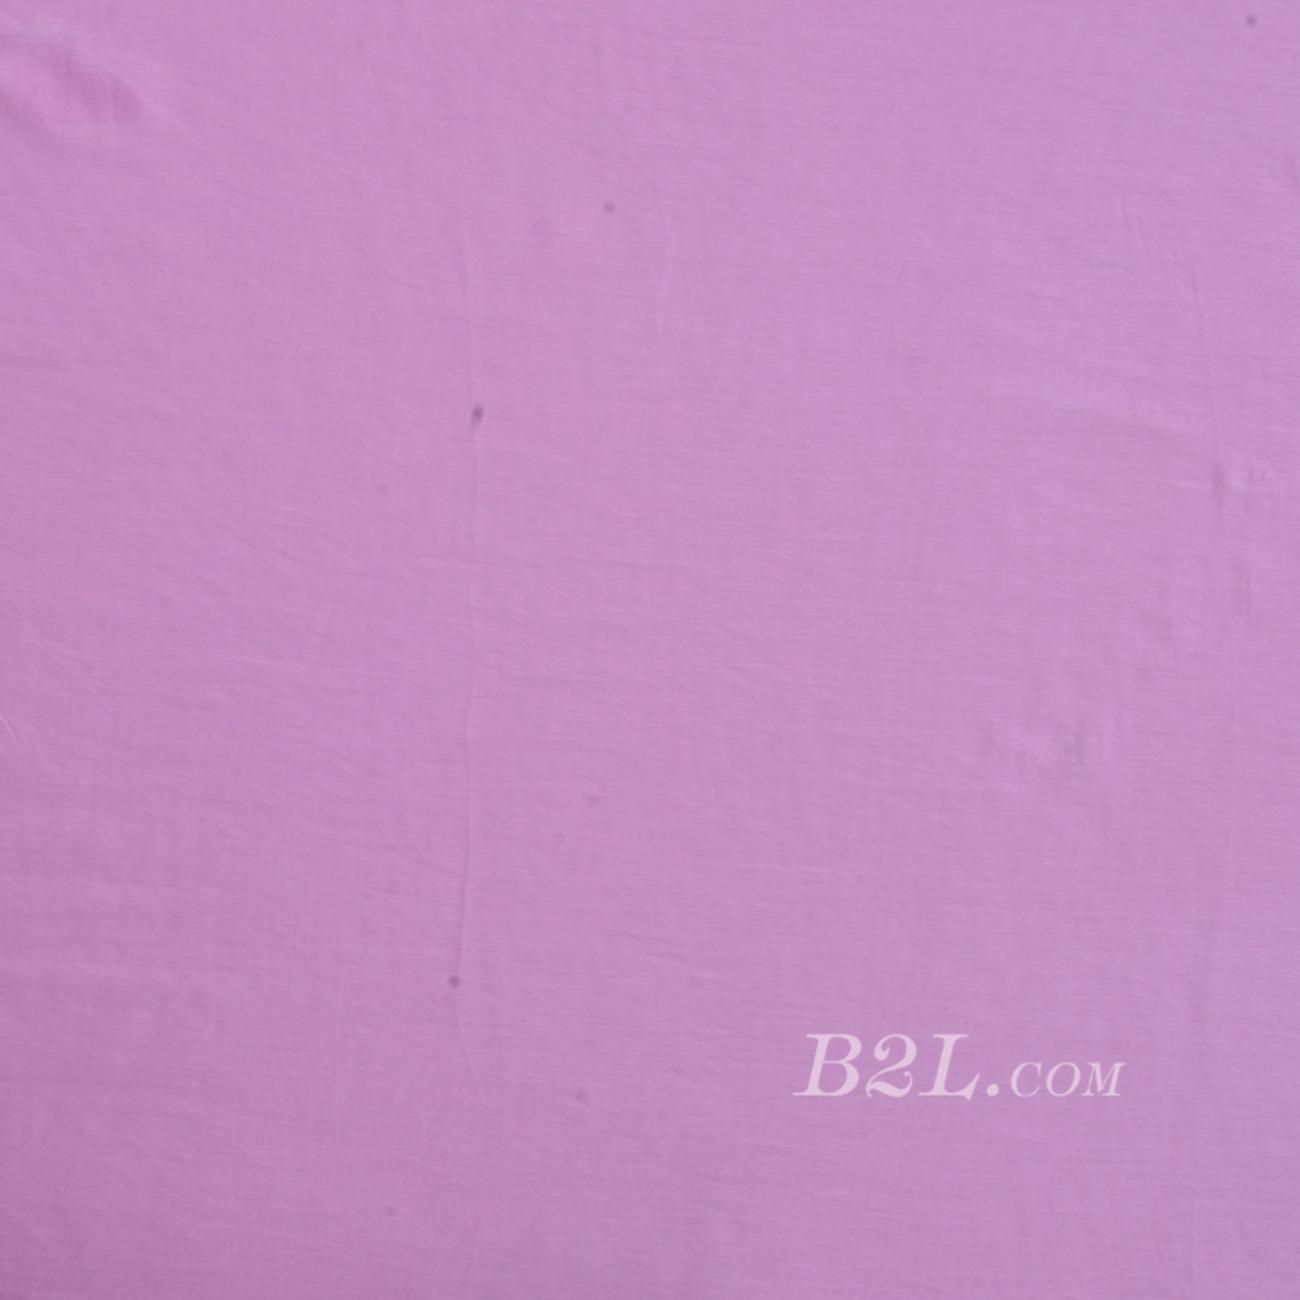 平纹梭织素色染色连衣裙 短裙 衬衫 无弹 春 秋 柔软 薄 70724-3